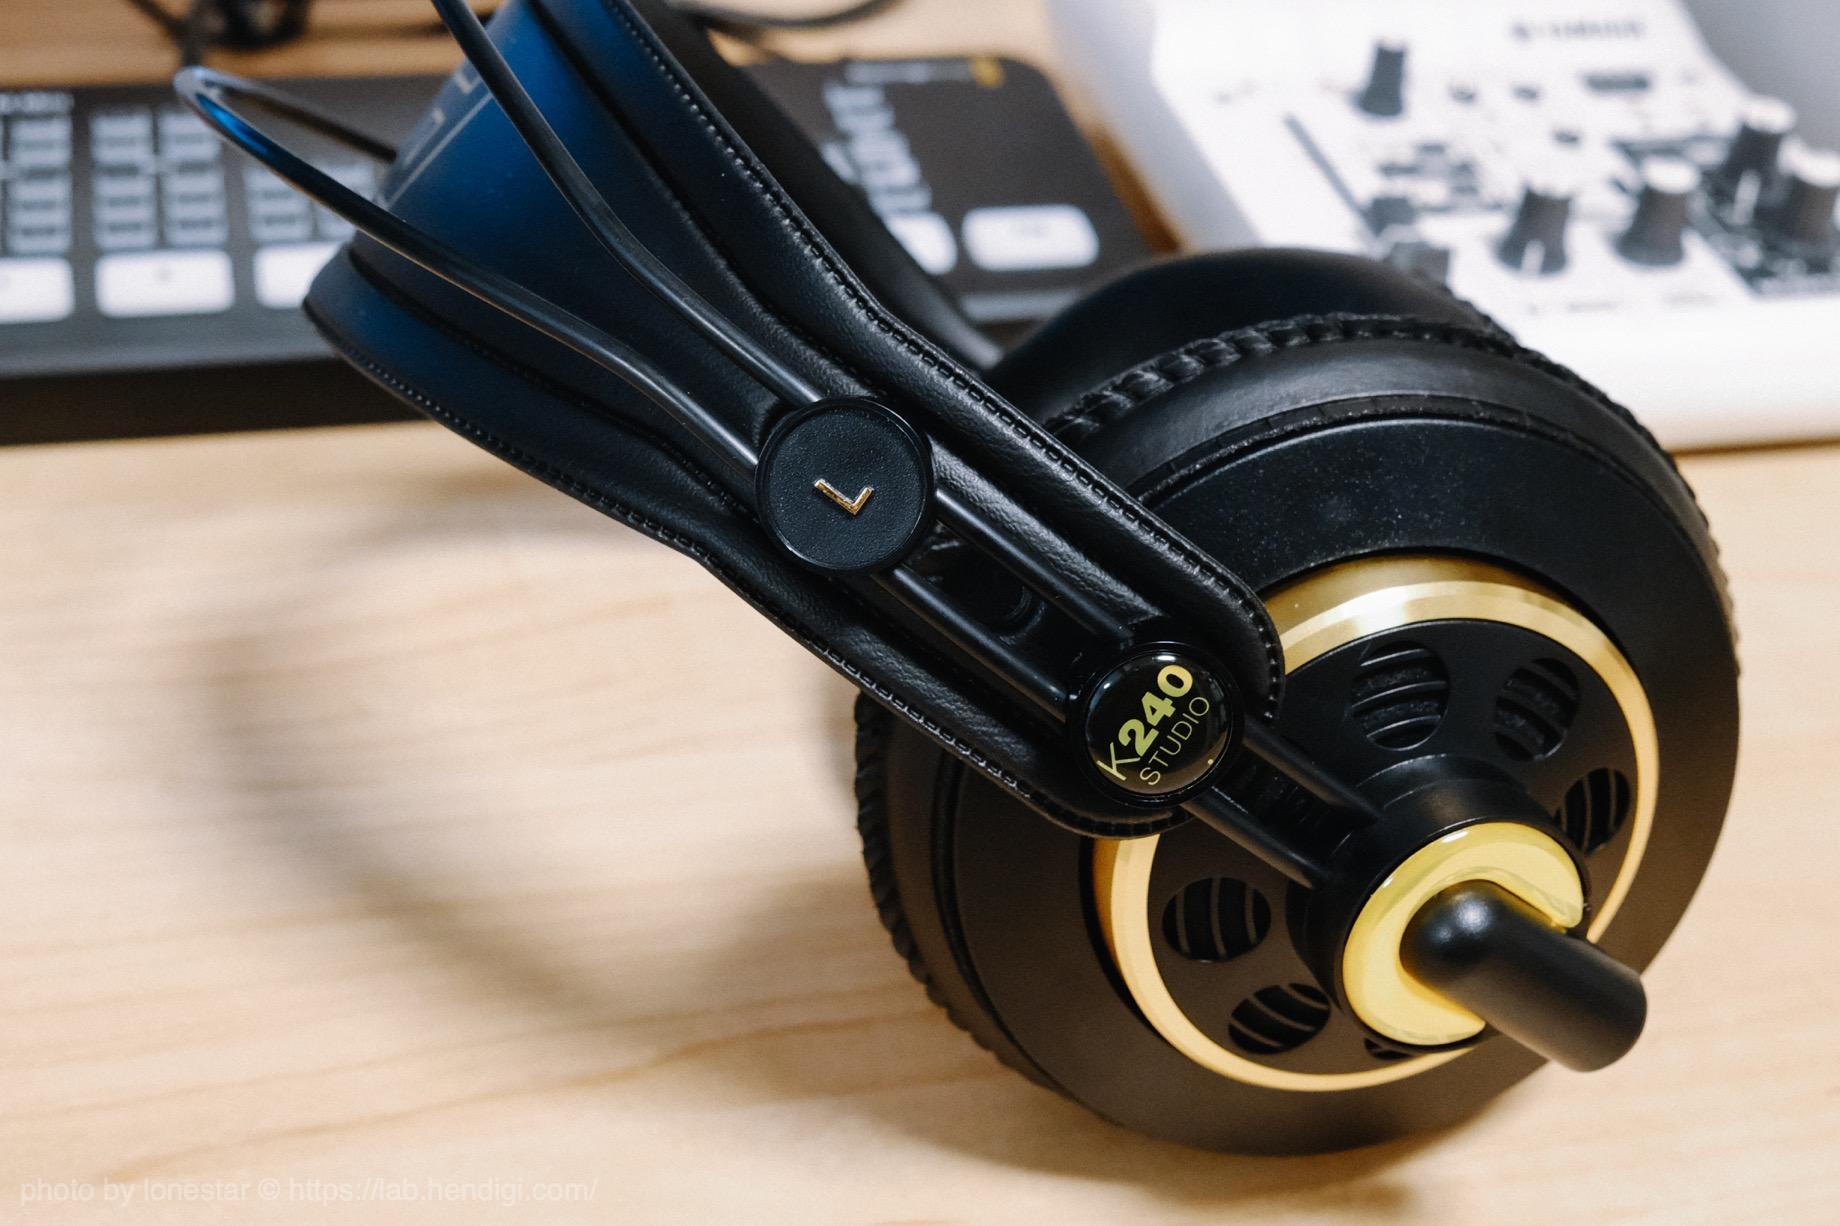 K240 Studio レビュー